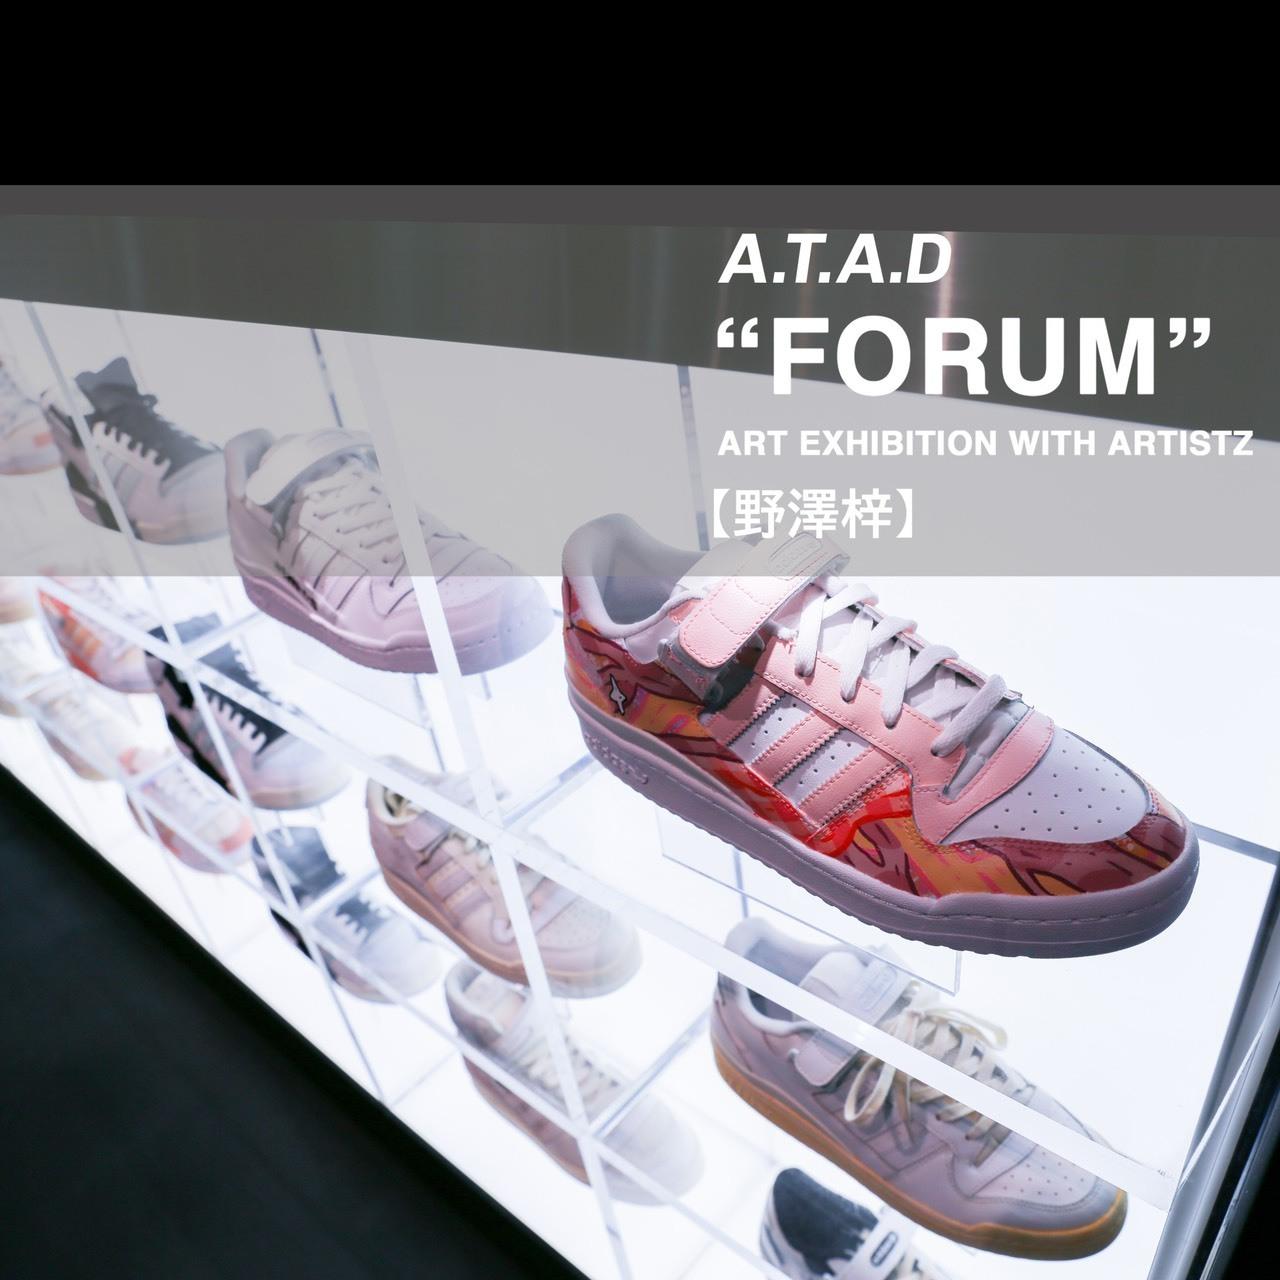 """ART EXHIBITION 野澤梓 """"FORUM展"""" @A.T.A.D"""